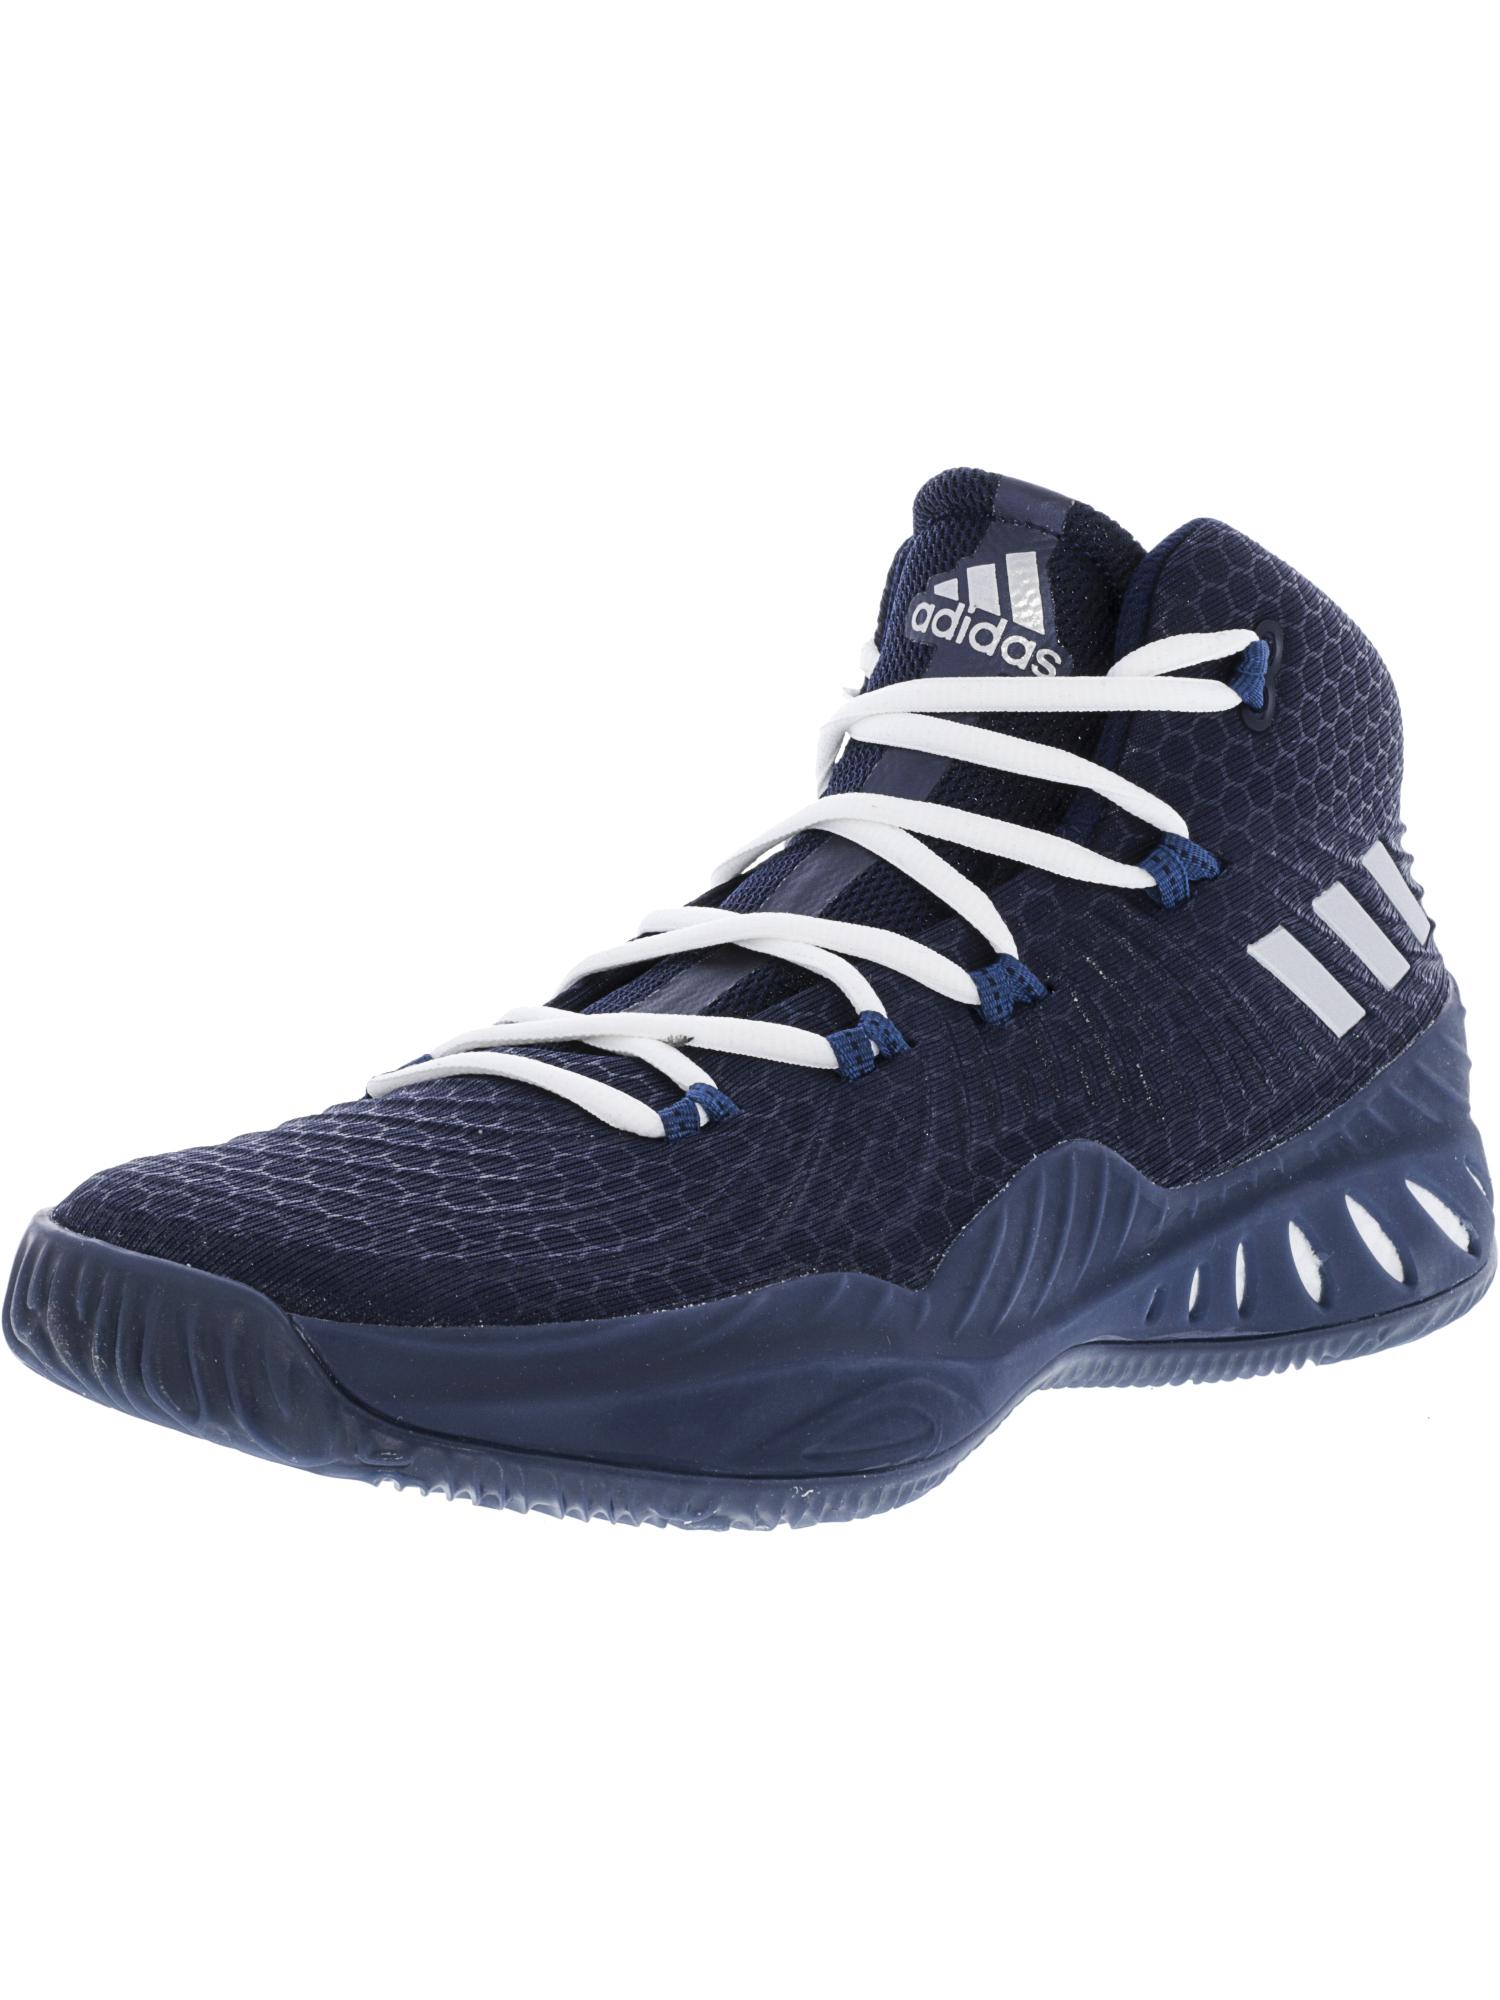 b1ebd8a0d ... Adidas Men s Crazy Explosive Explosive Explosive 2017 High-Top  Basketball Shoe ce25e0